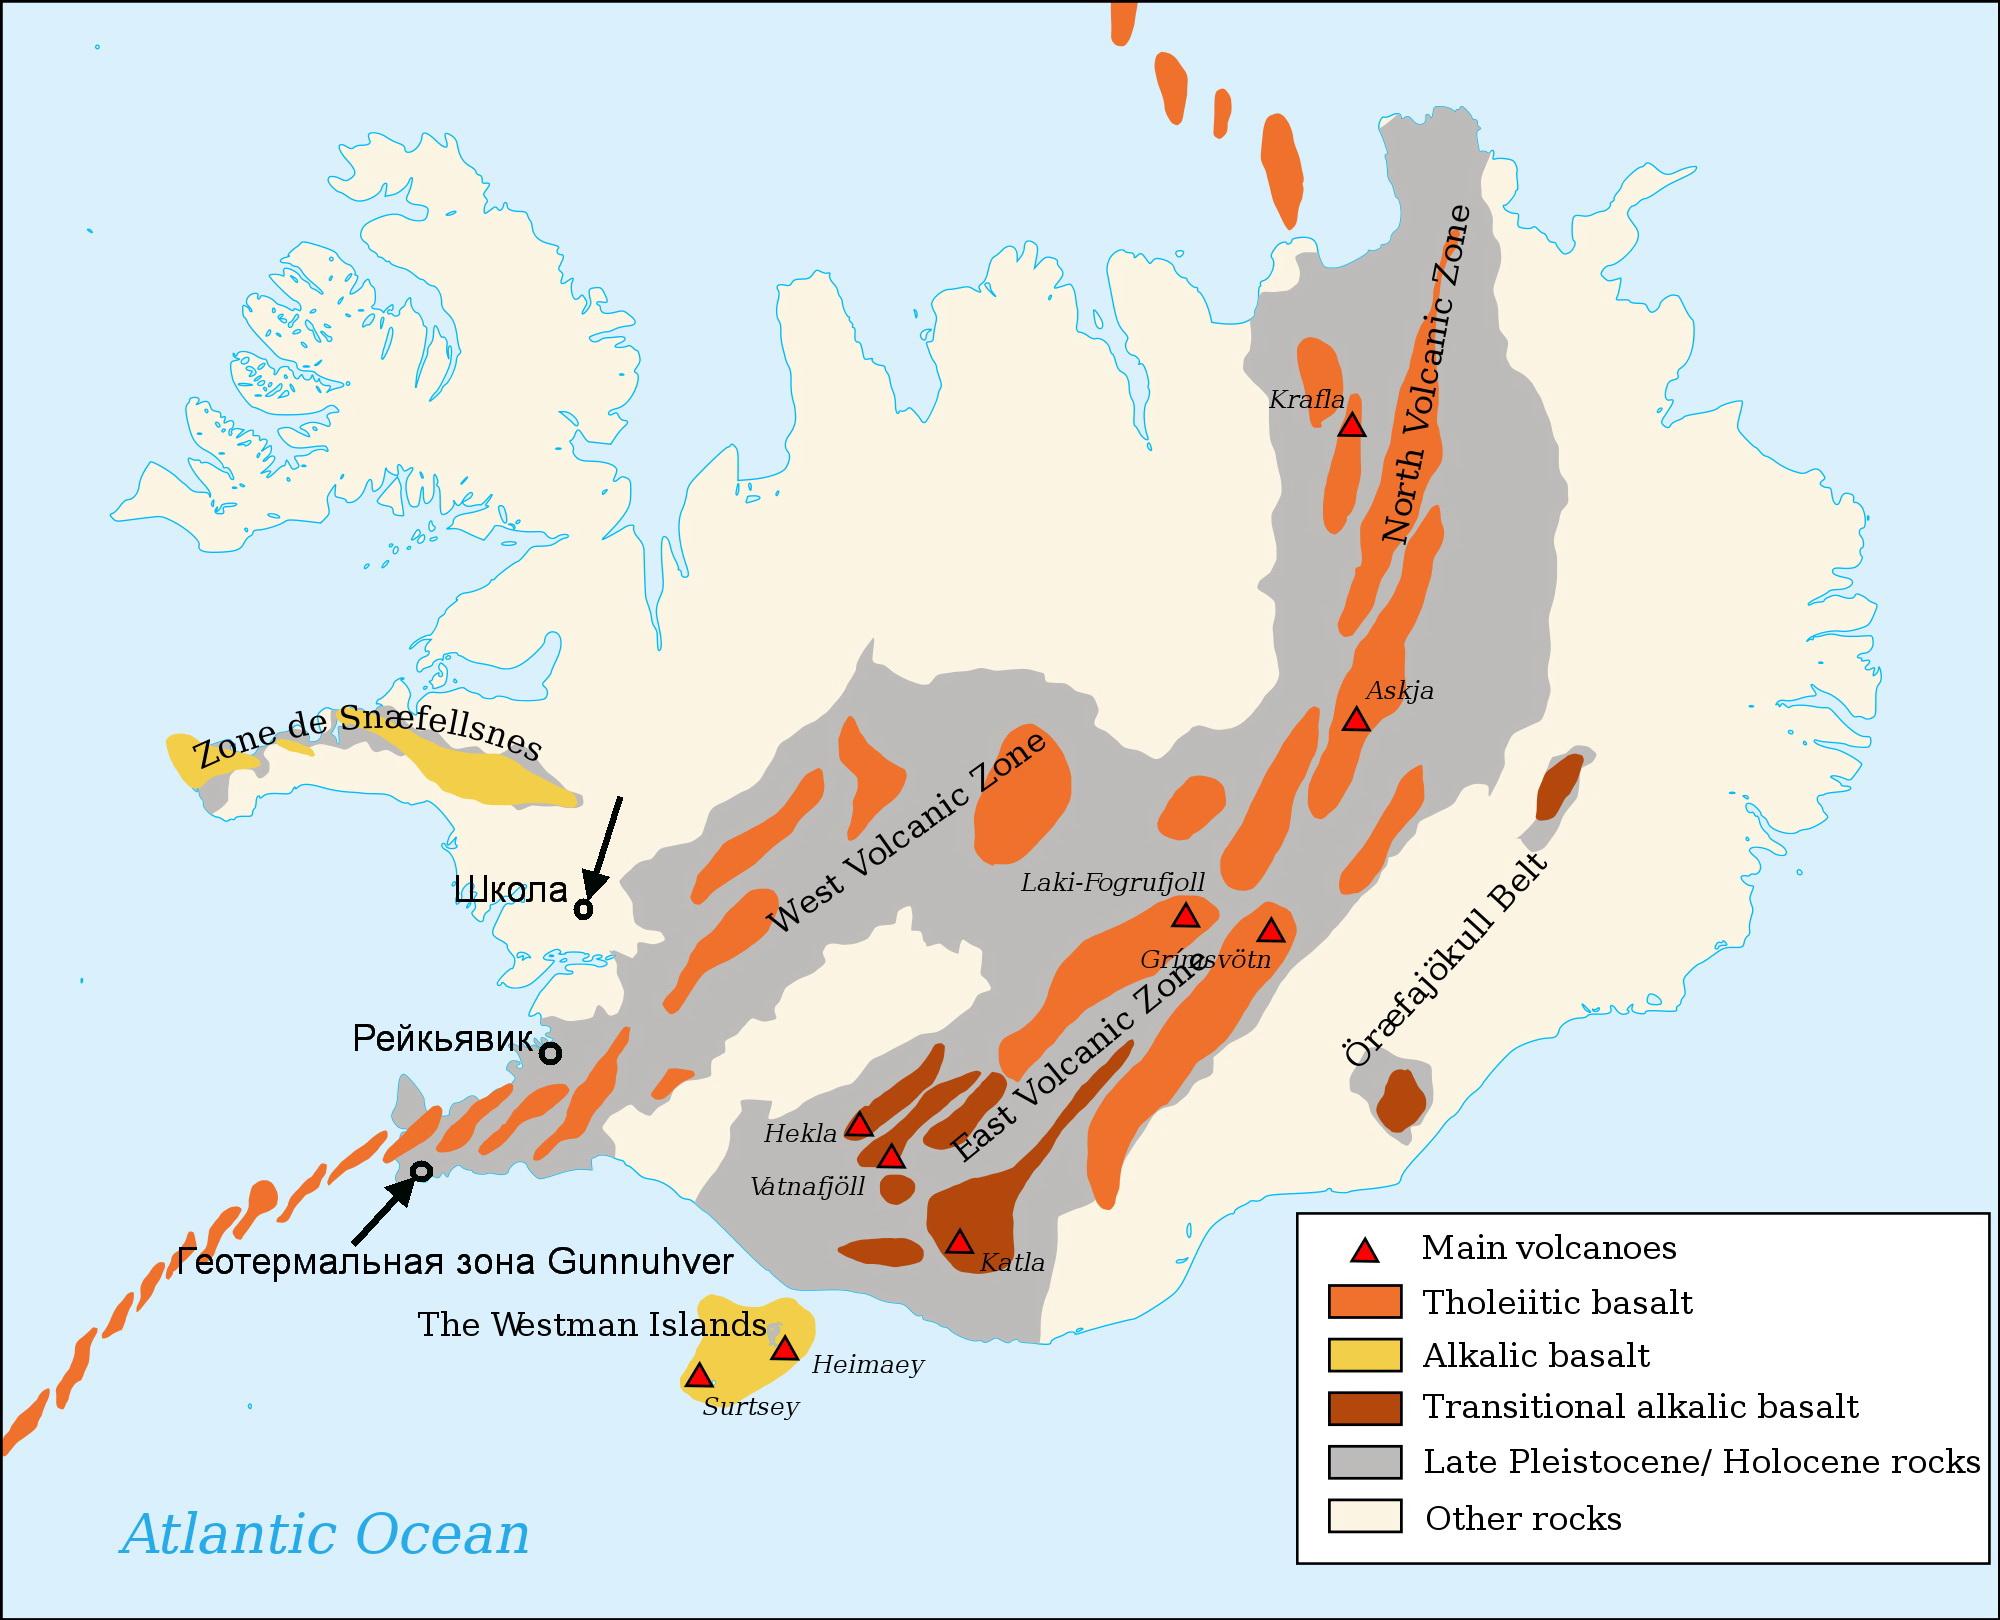 Volcanic_system_of_Iceland-Map-en.svg